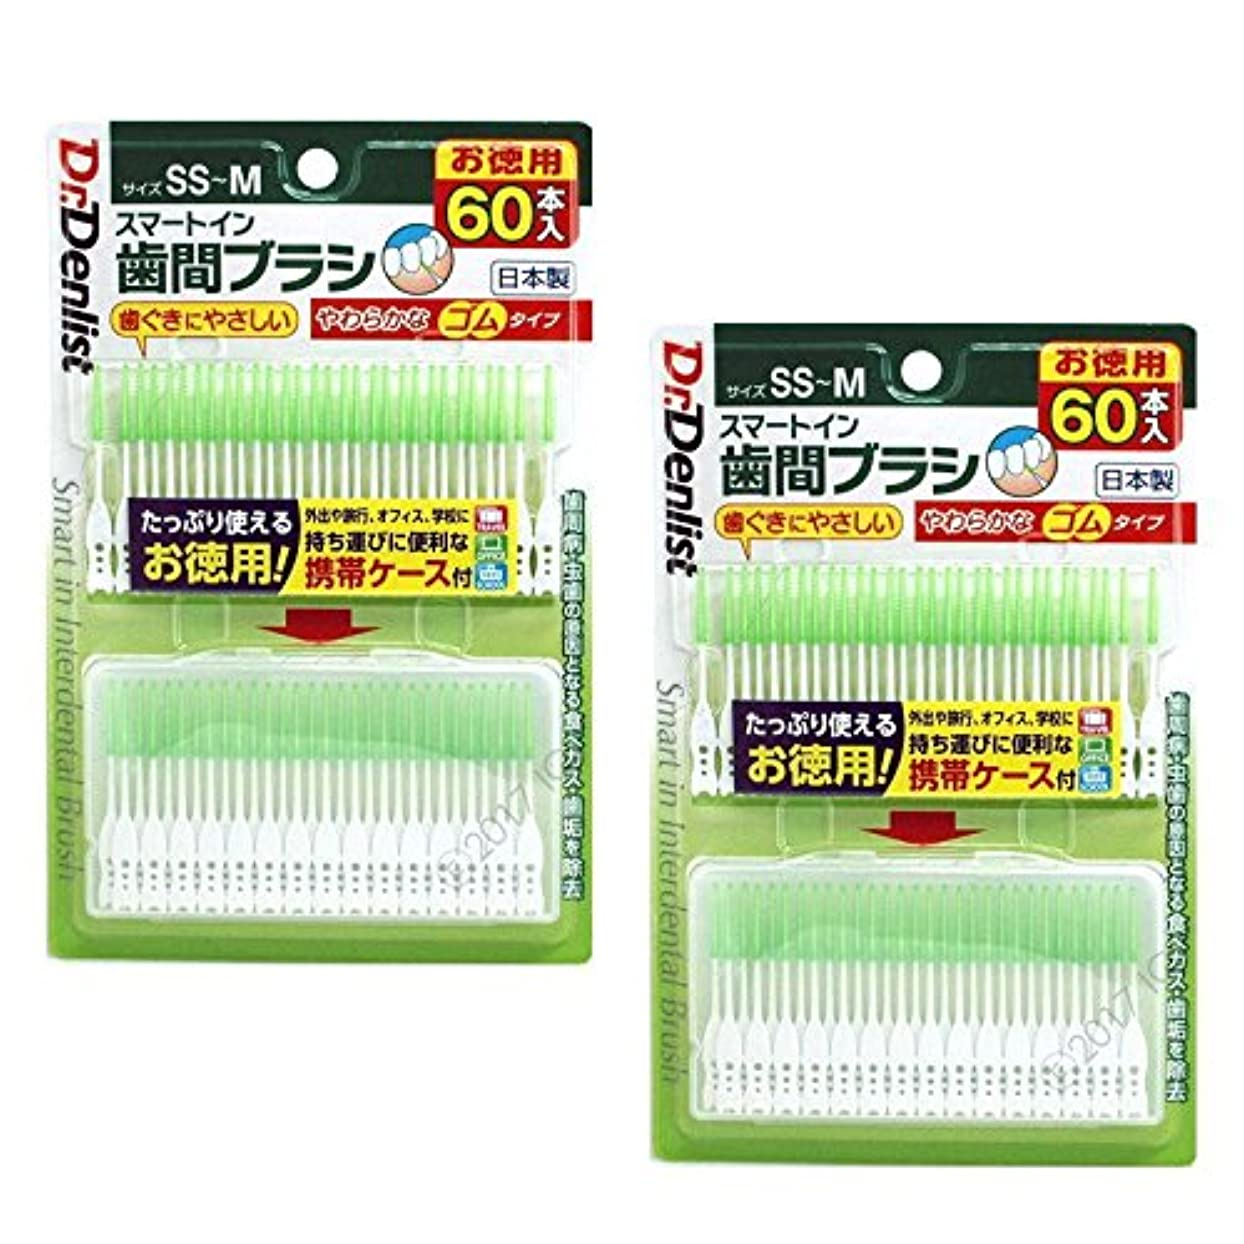 うぬぼれたカメラ印象的歯間ブラシ スマートイン 60本×2個(計120本) お徳用 やわらかなゴムタイプ